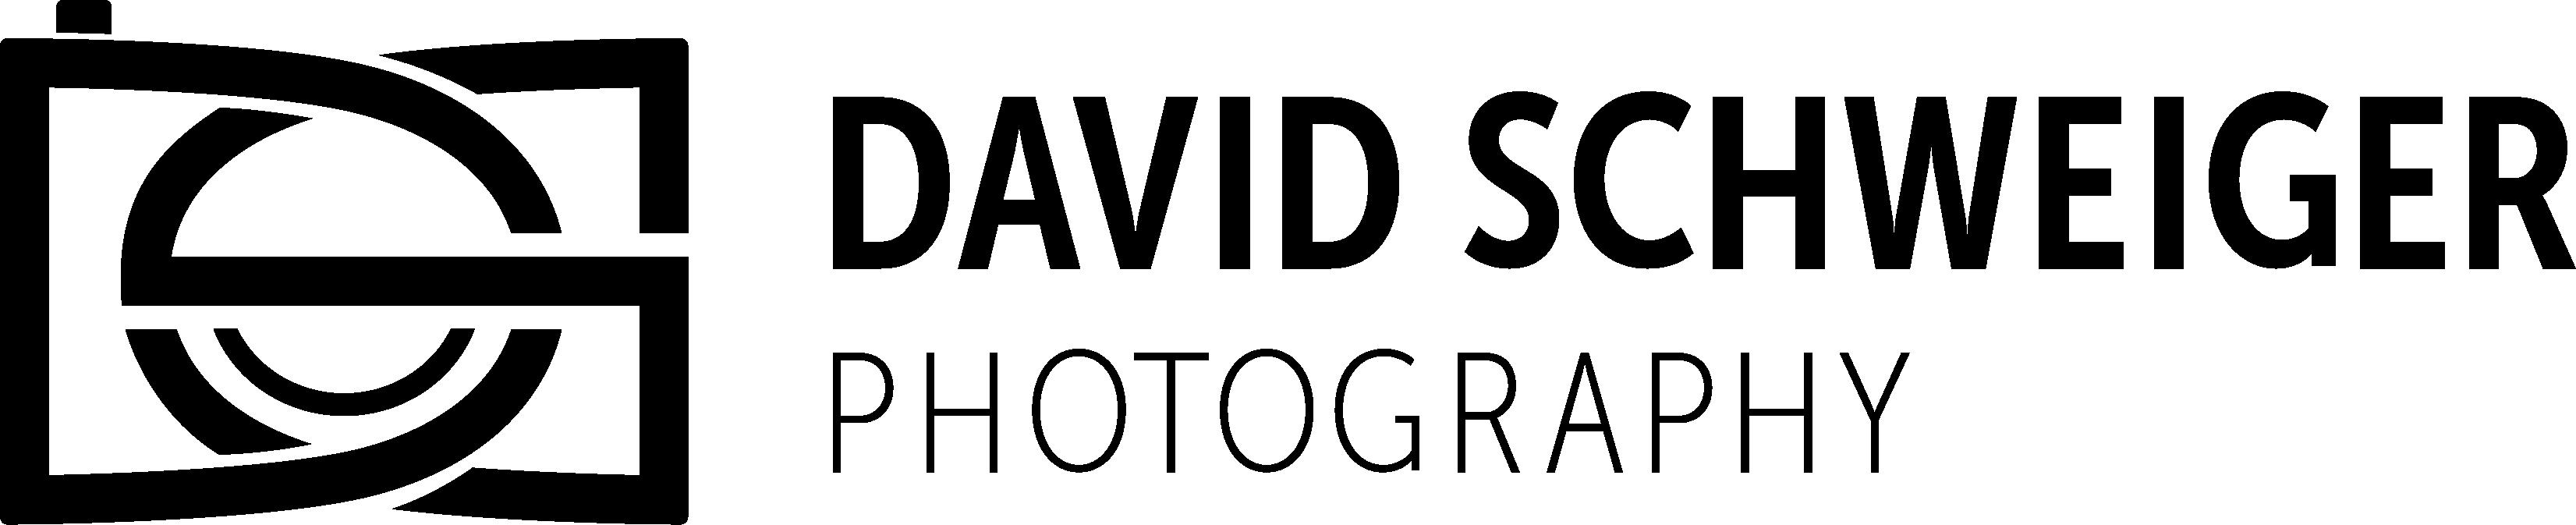 David Schweiger